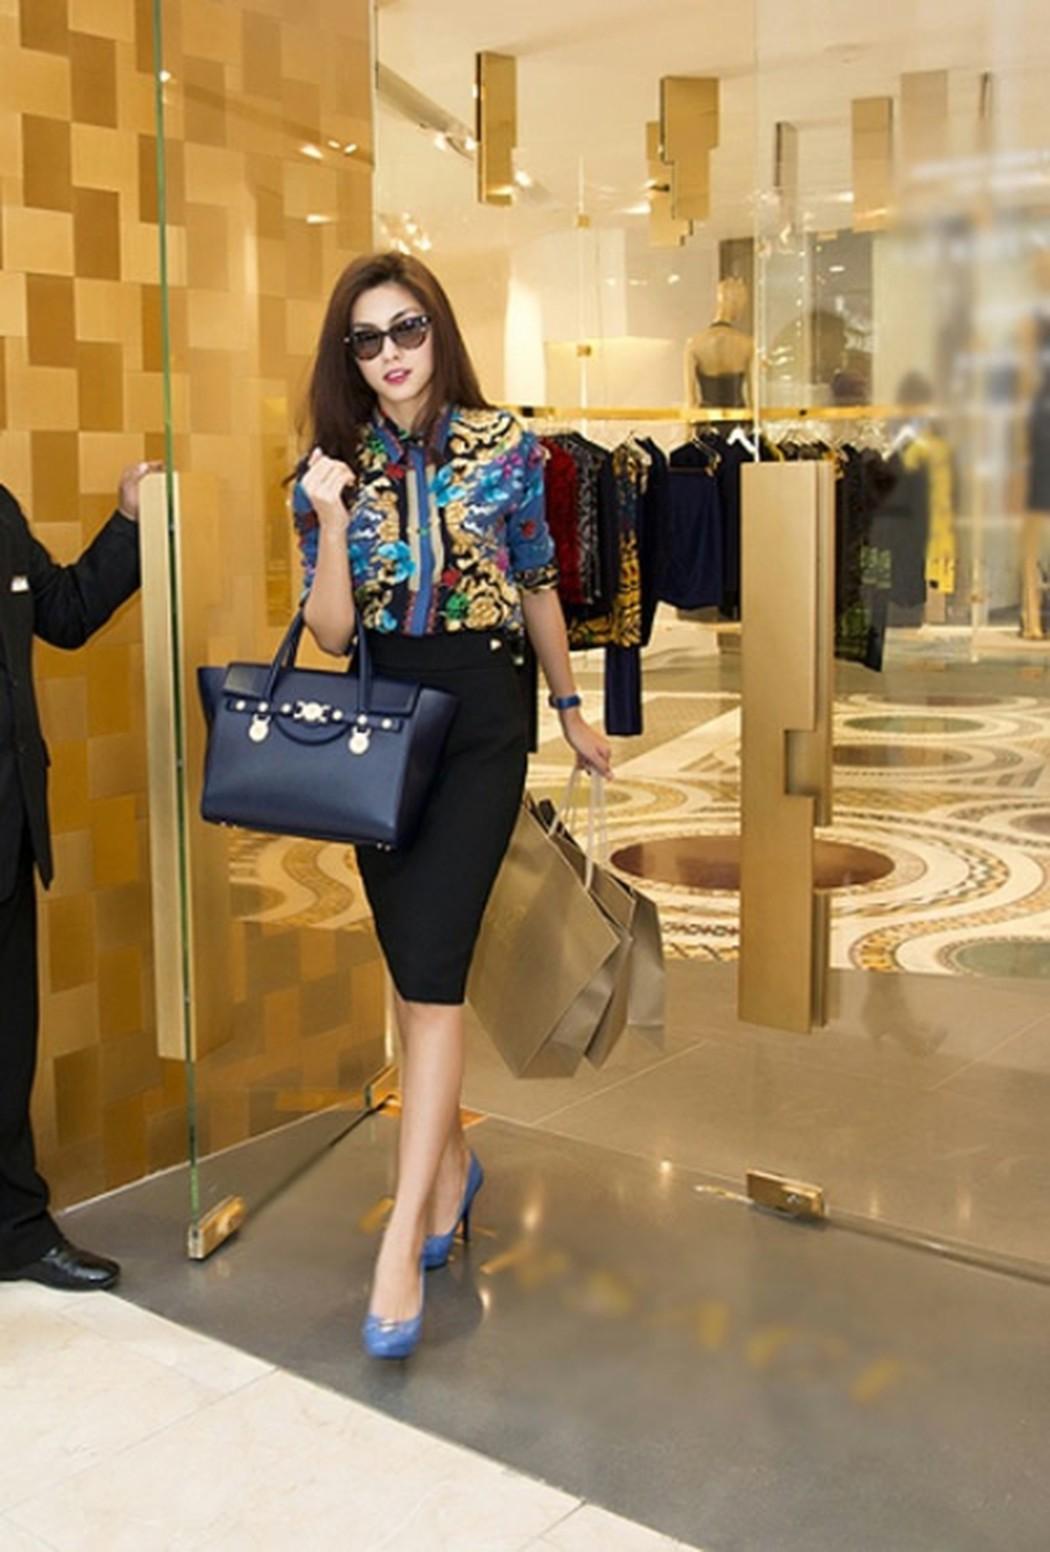 Túi Signature Versace khoảng 50 triệu đồng kết hợp cùng áo sơ mi họa tiết và chân váy đen giúp Hà Tăng mang đến ấn tượng vừa thanh lịch lại vừa sang chảnh.